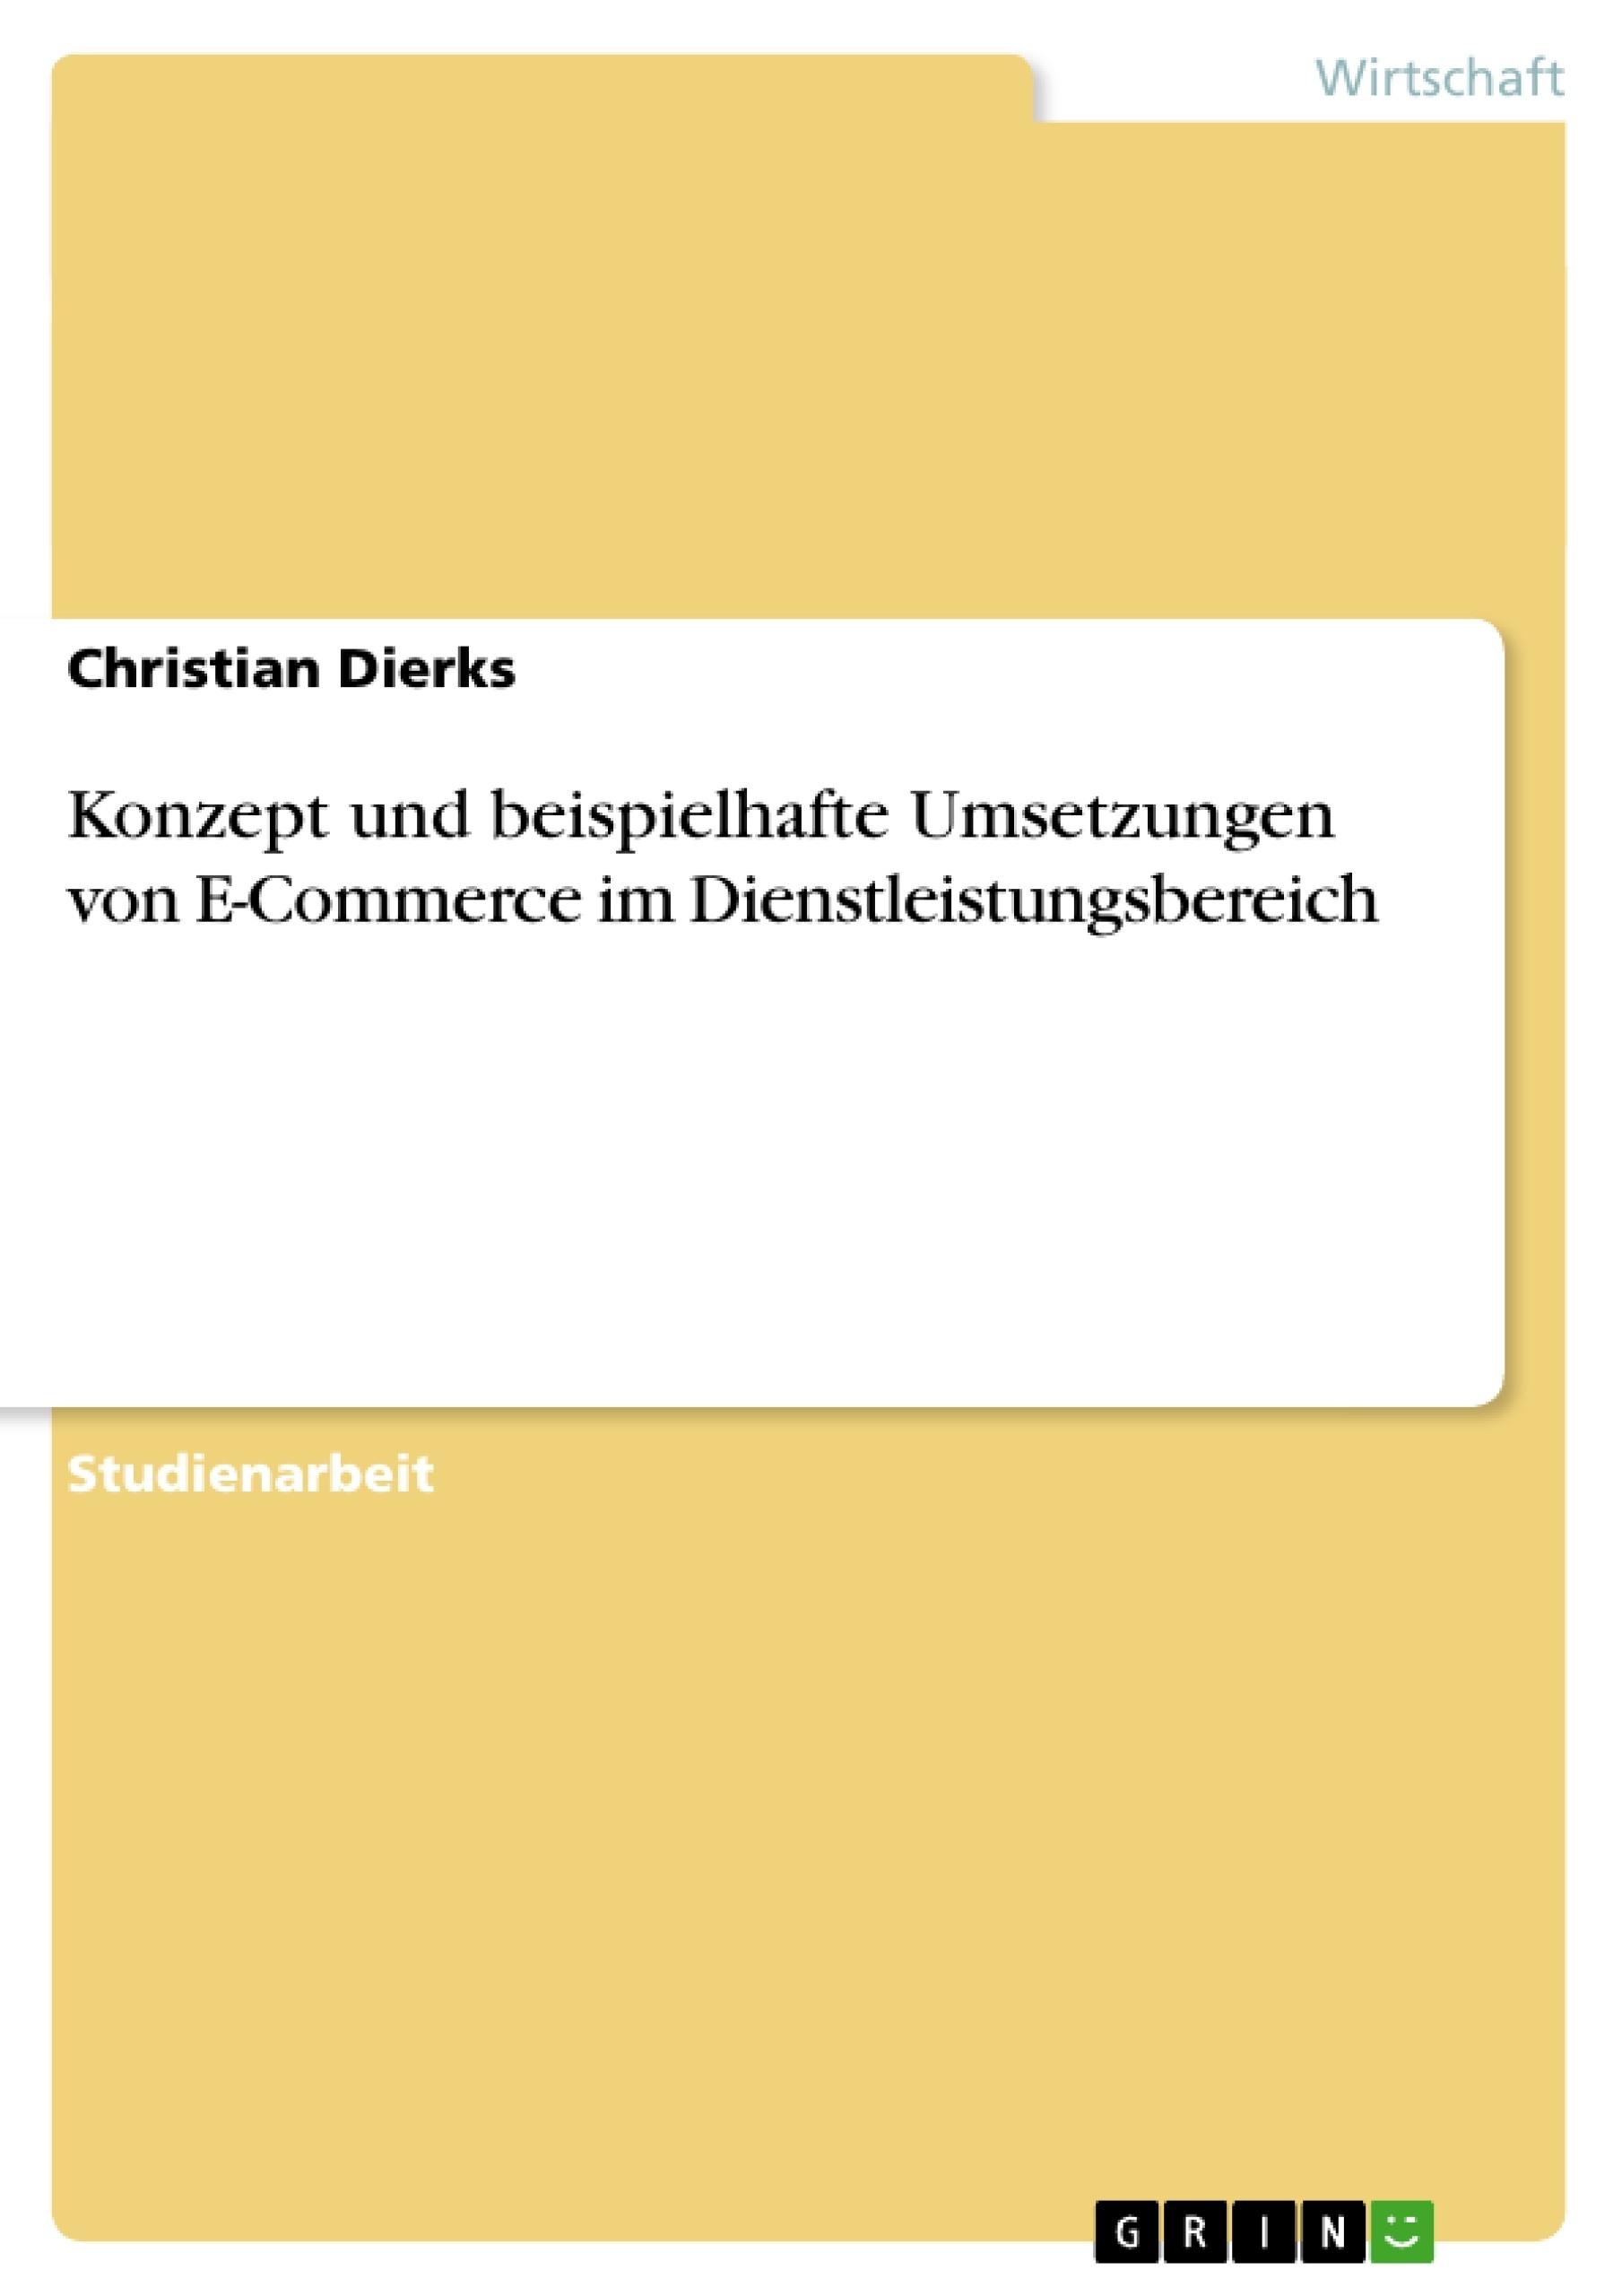 Titel: Konzept und beispielhafte Umsetzungen von E-Commerce im Dienstleistungsbereich